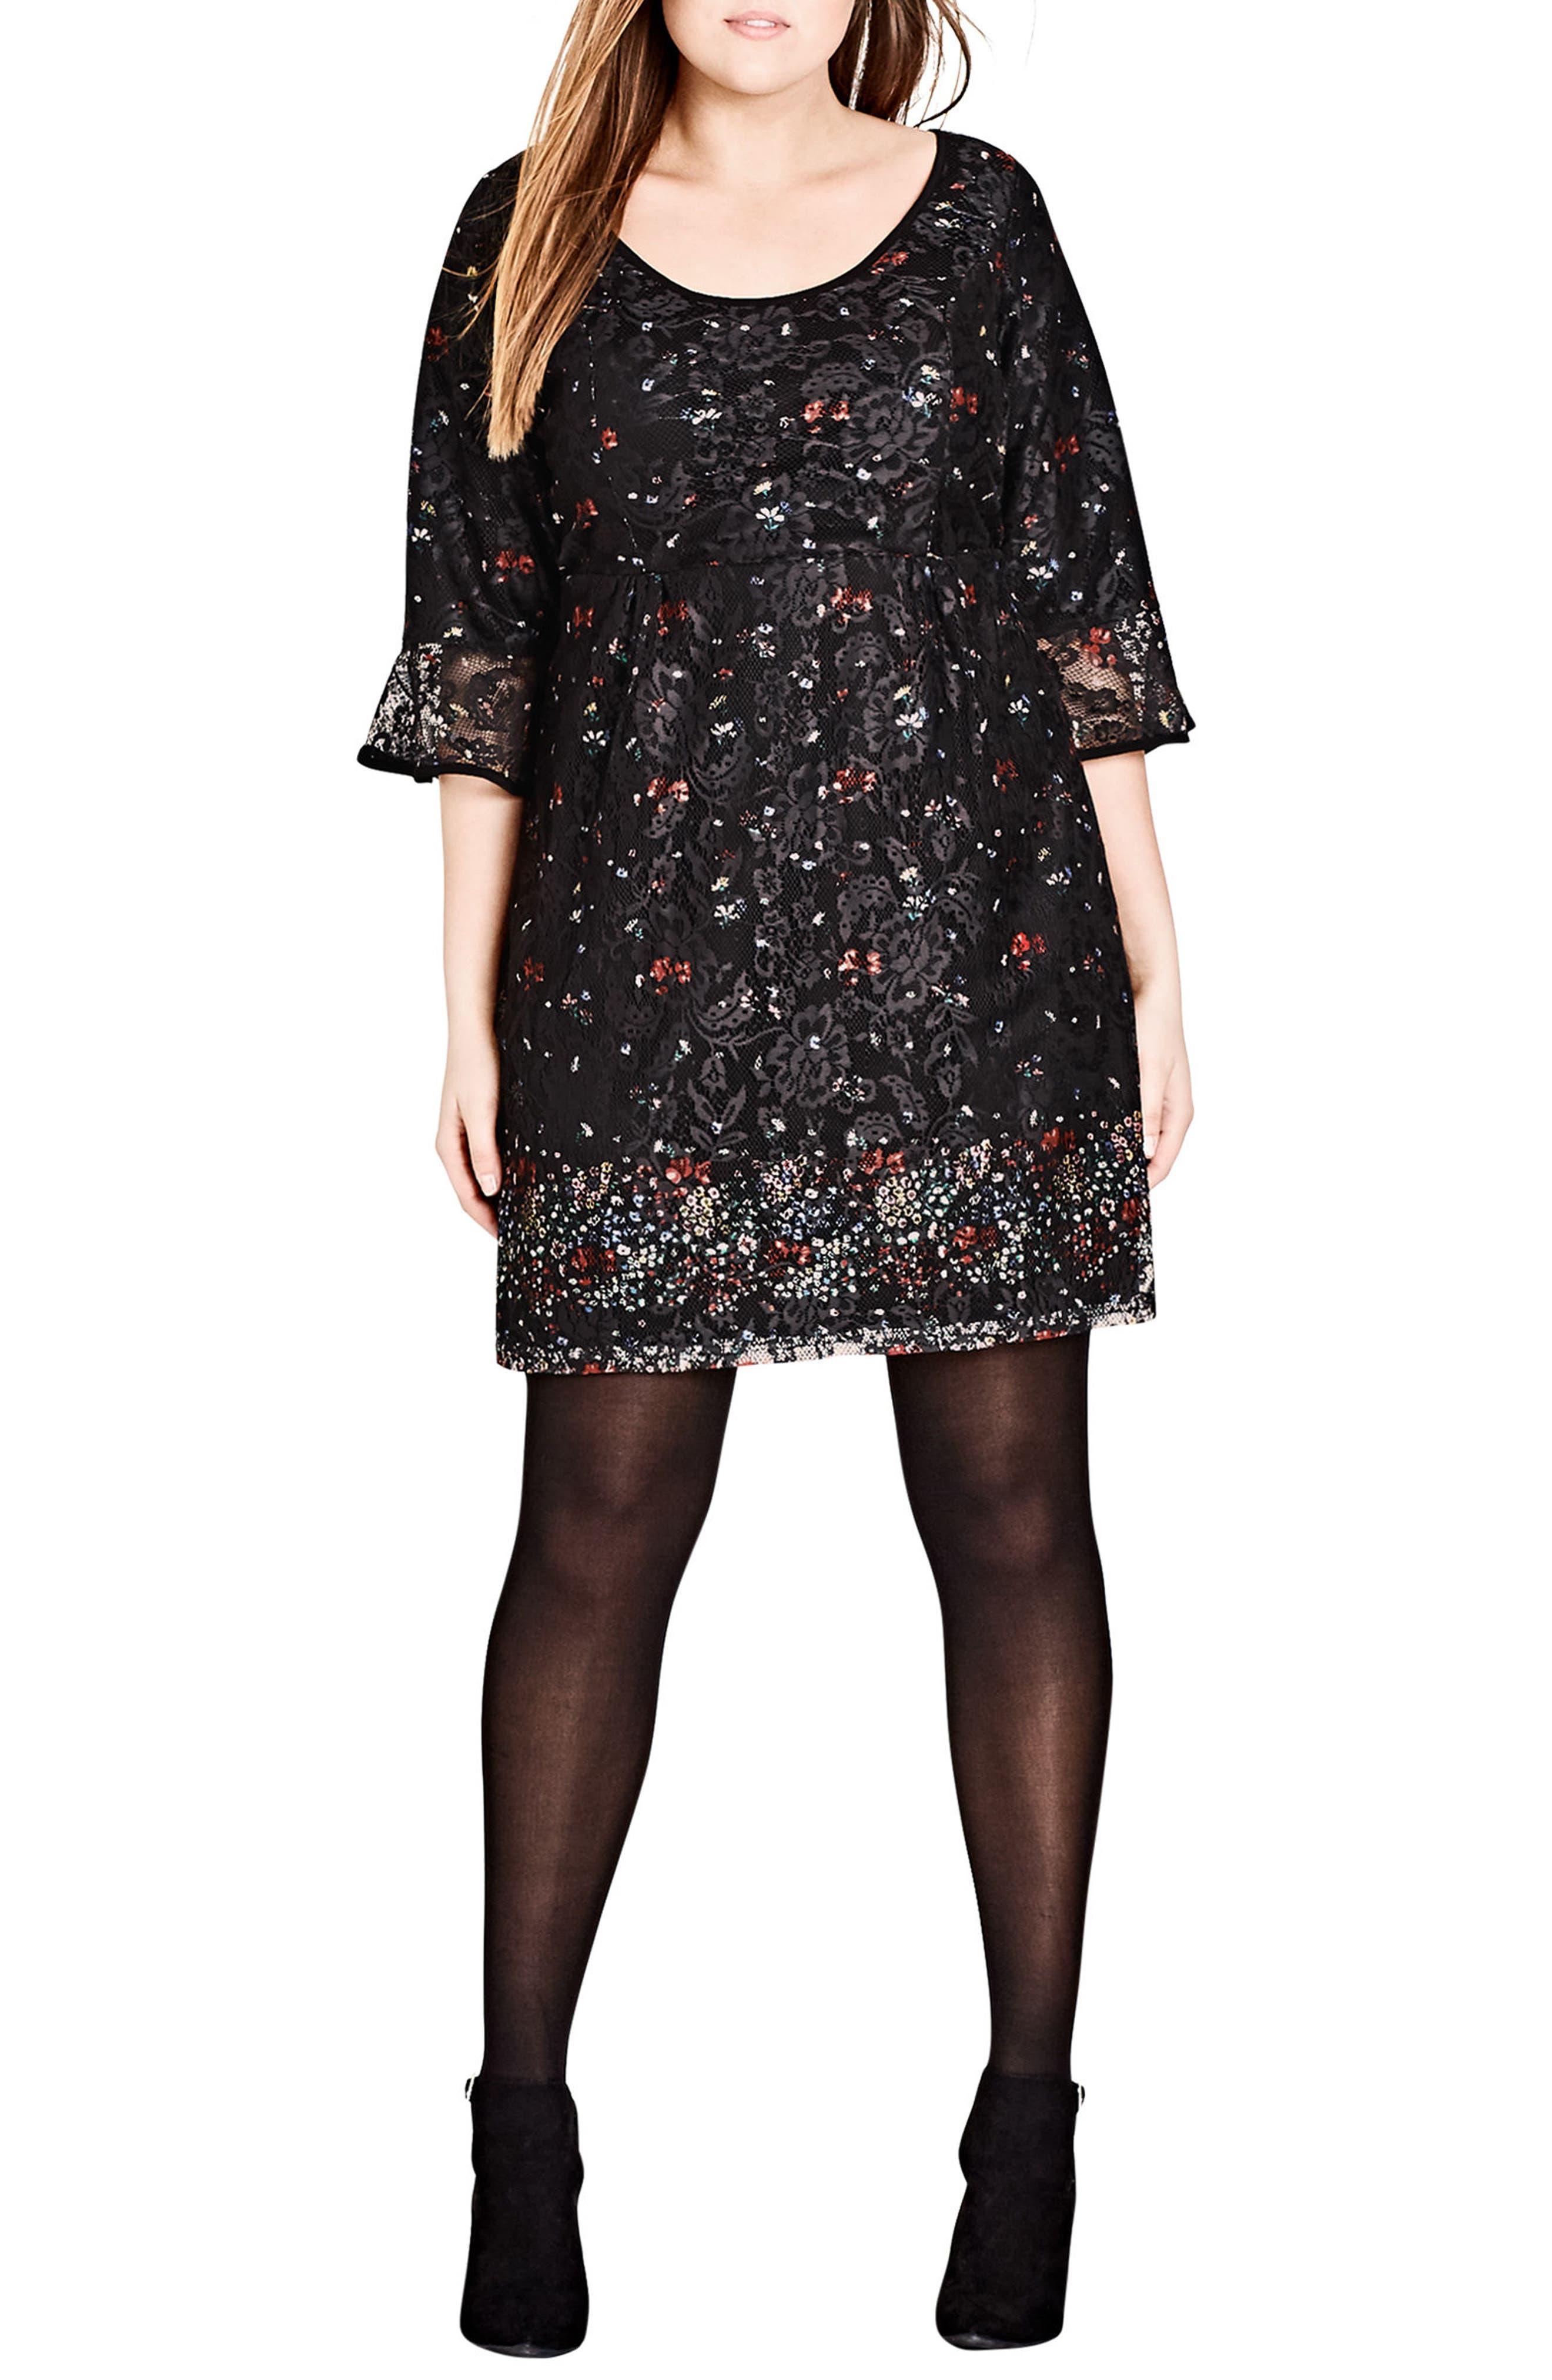 Plus Size City Chic Floral Fields Scoop Neck Lace Dress, Black